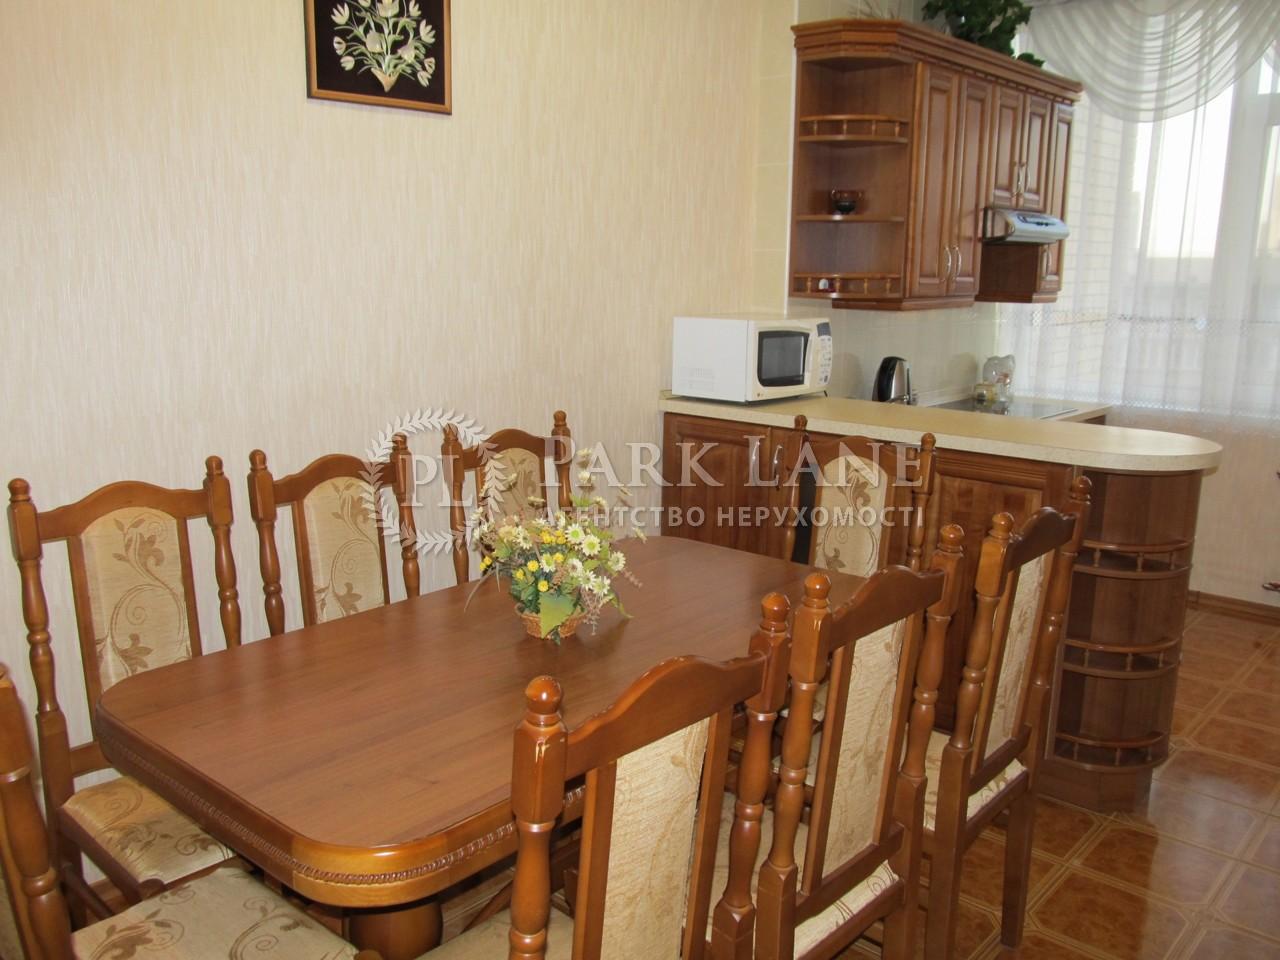 Квартира ул. Никольско-Слободская, 2б, Киев, L-25183 - Фото 10